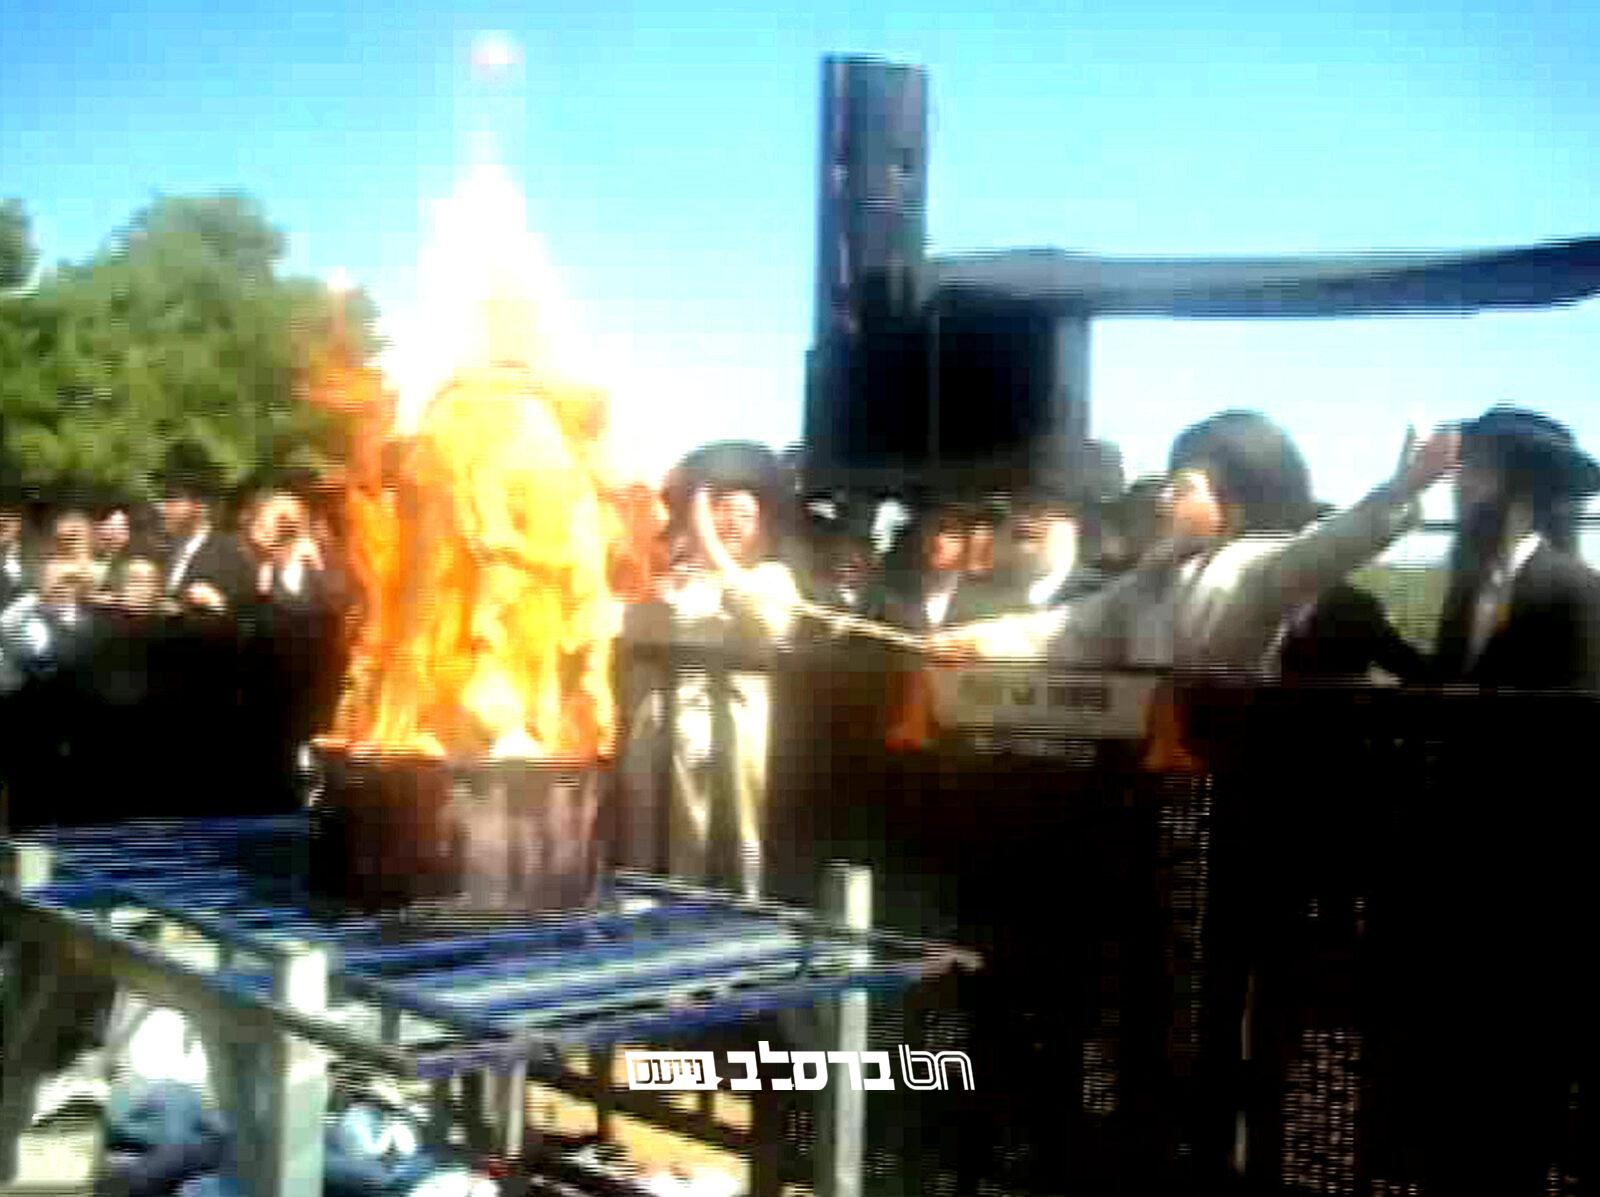 """נוסטלגיה • צפו הגה""""צ רבי יעקב מאיר שכטער בהדלקה במירון בשנת תשס""""ט"""